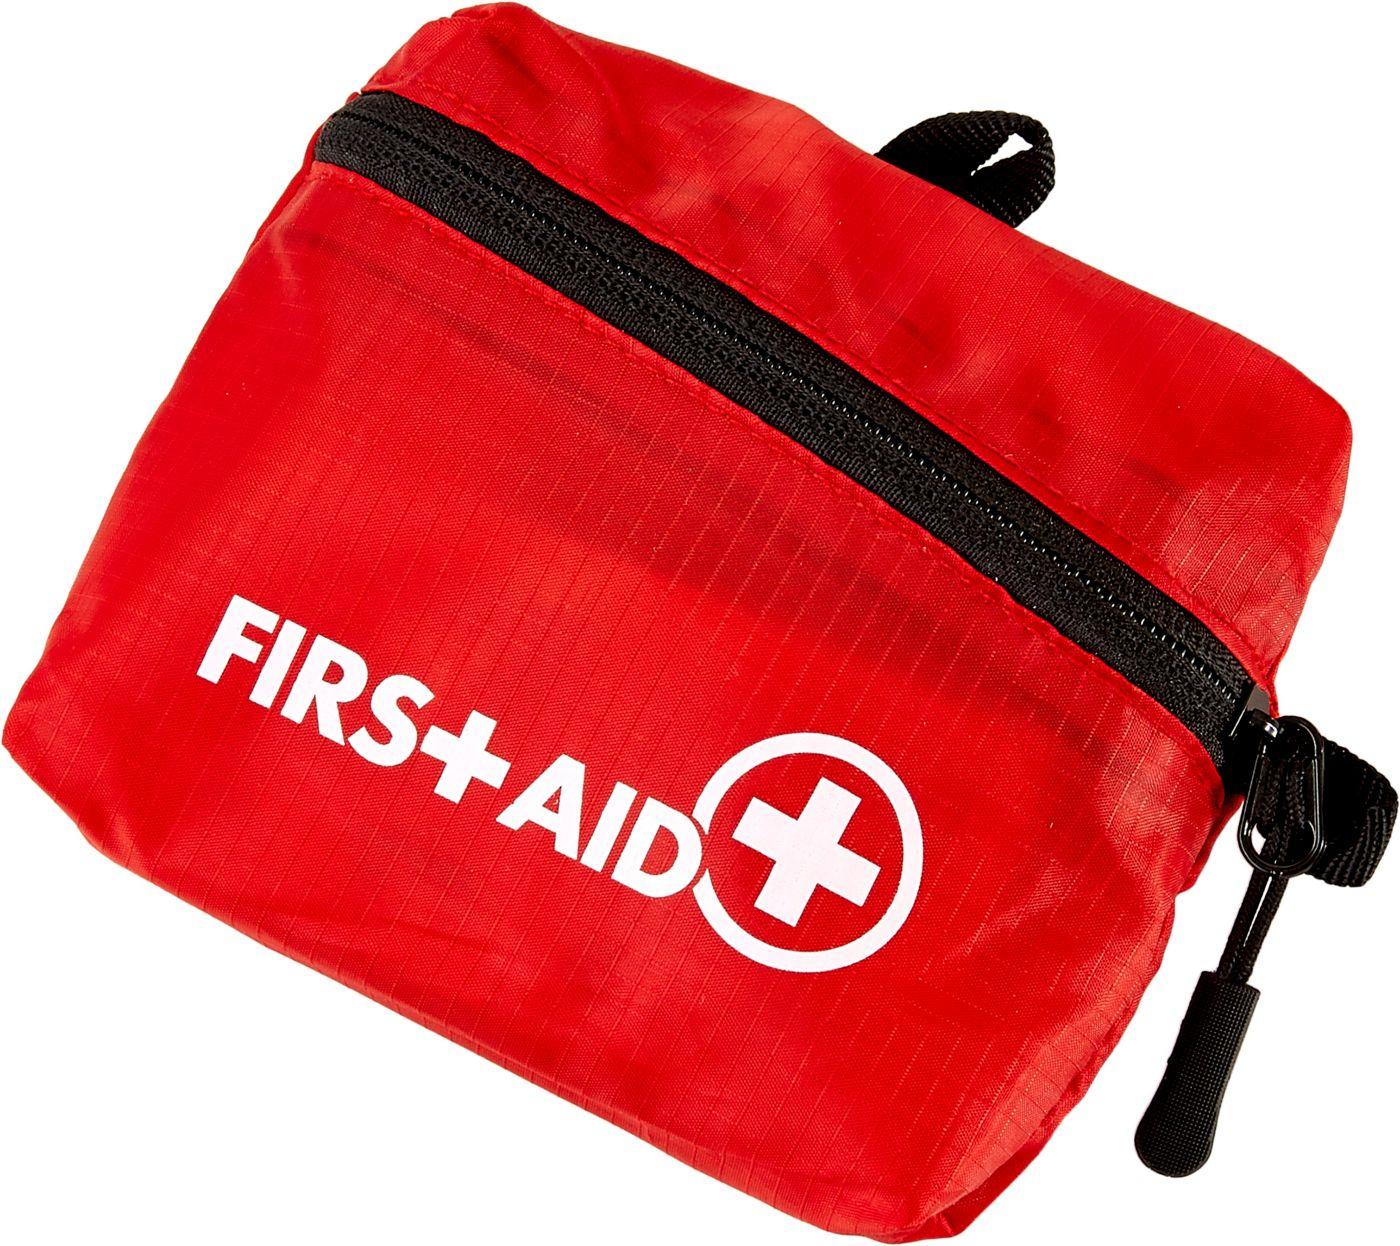 Field & Stream First Aid Kit 1.0